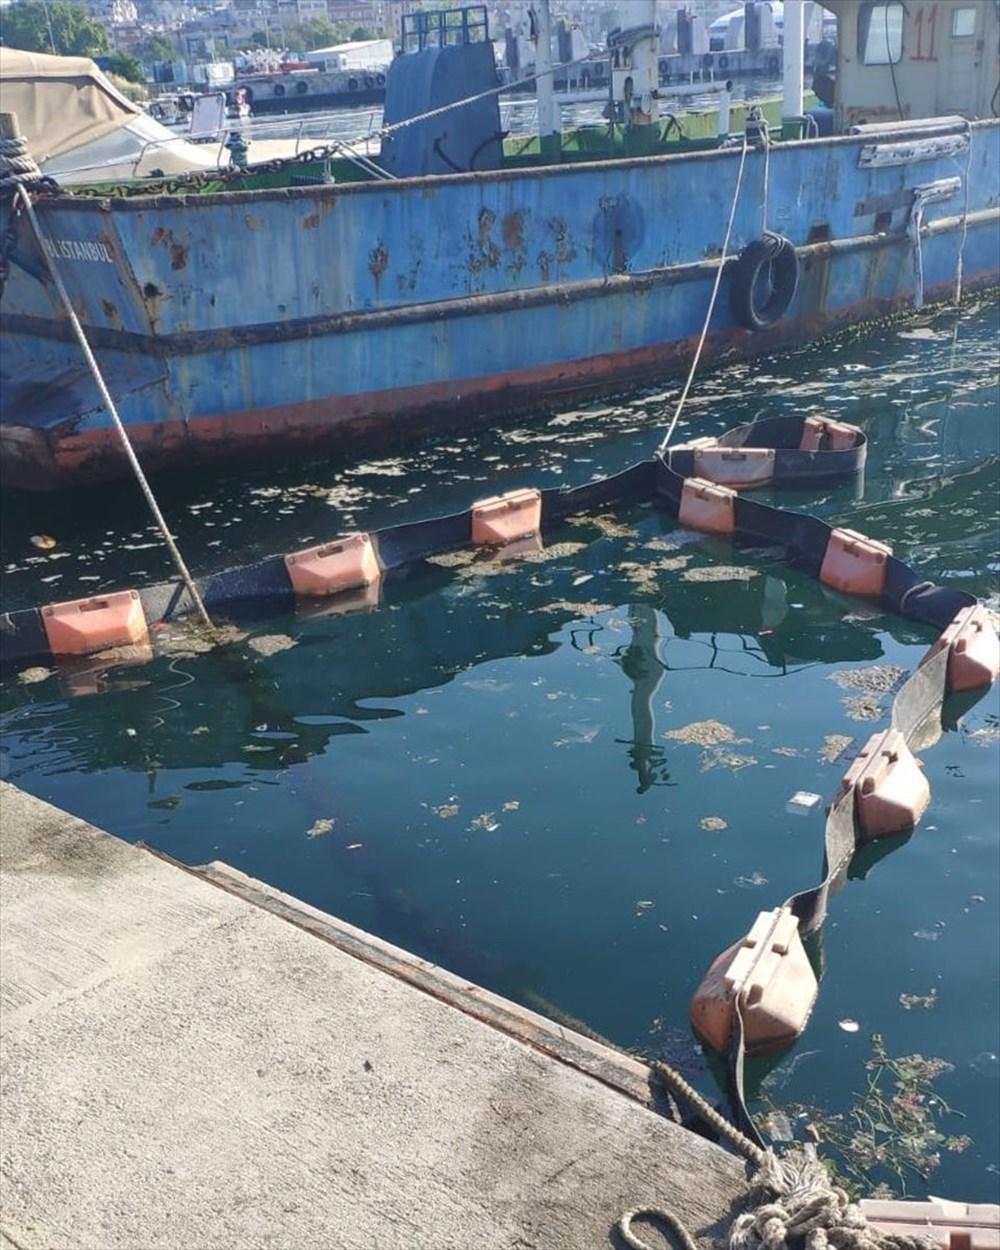 İstanbul Üniversitesi, müsilajı deniz bakterisiyle temizlemeyi başardı - 4